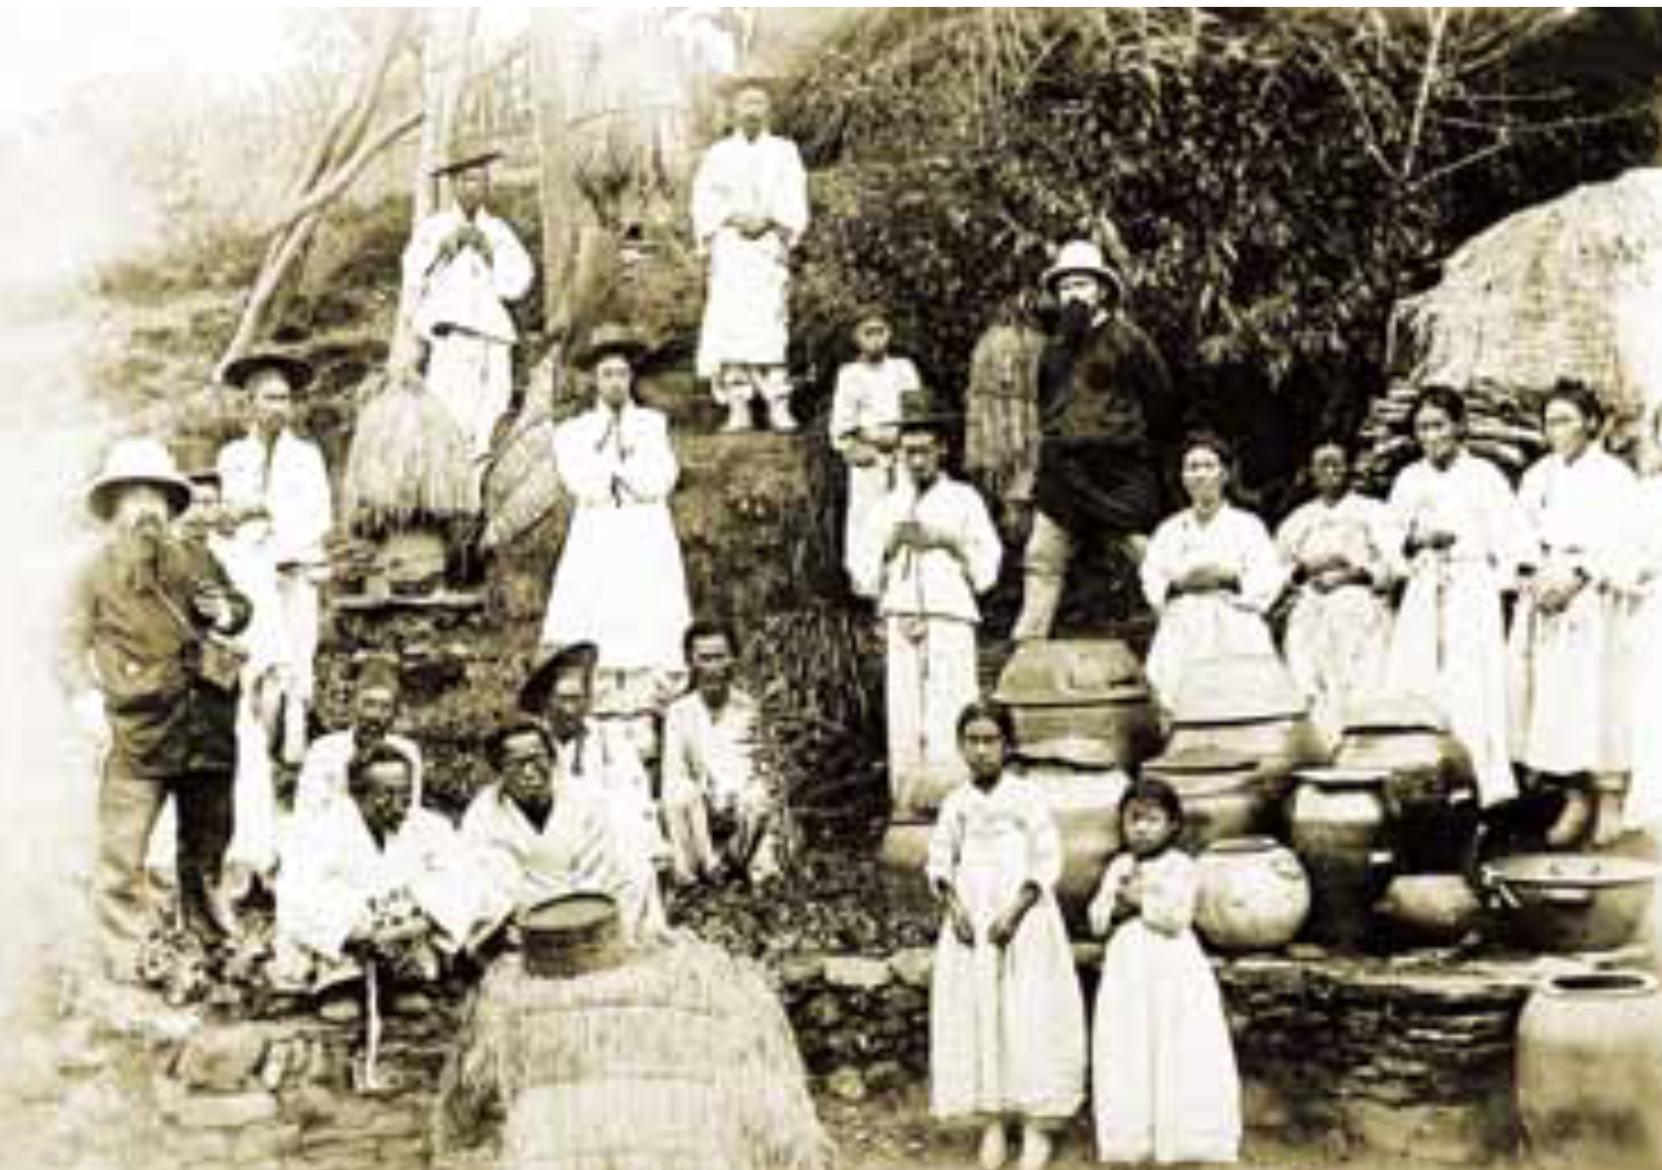 교우촌모습. 많은 조선시대 가톨릭 신자들이 옹기를 만들어 생업을 이어나갔다(한국교회사연구소 소장 사진)